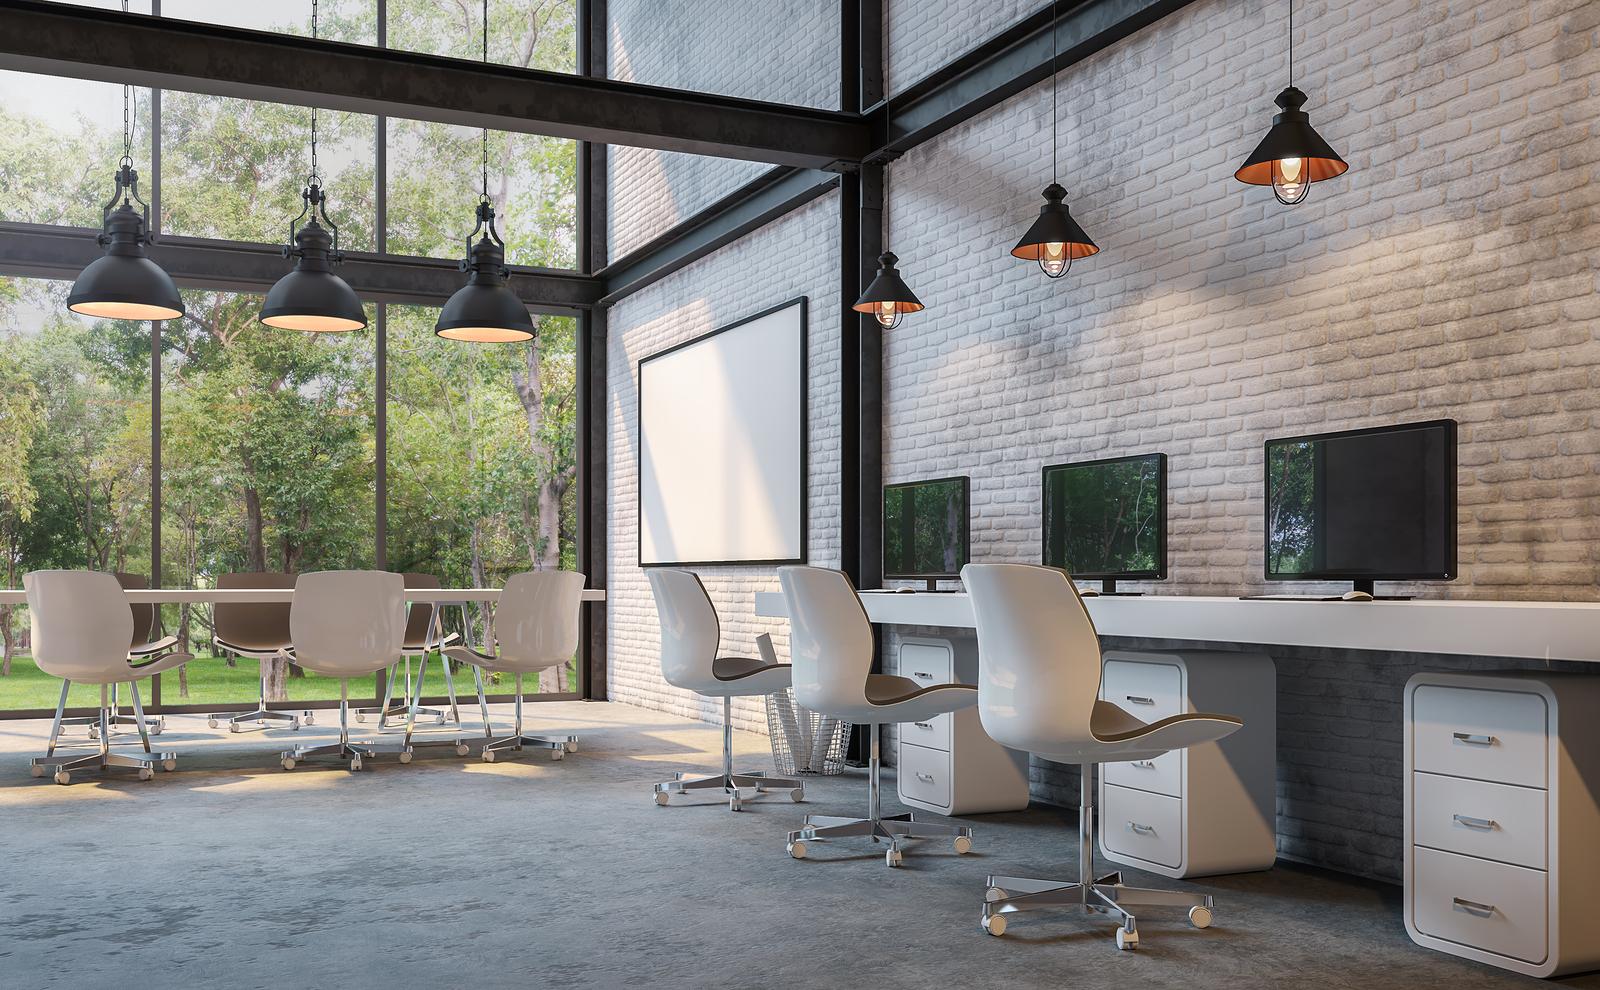 Maison chambres bureau et jardin st christophe immo